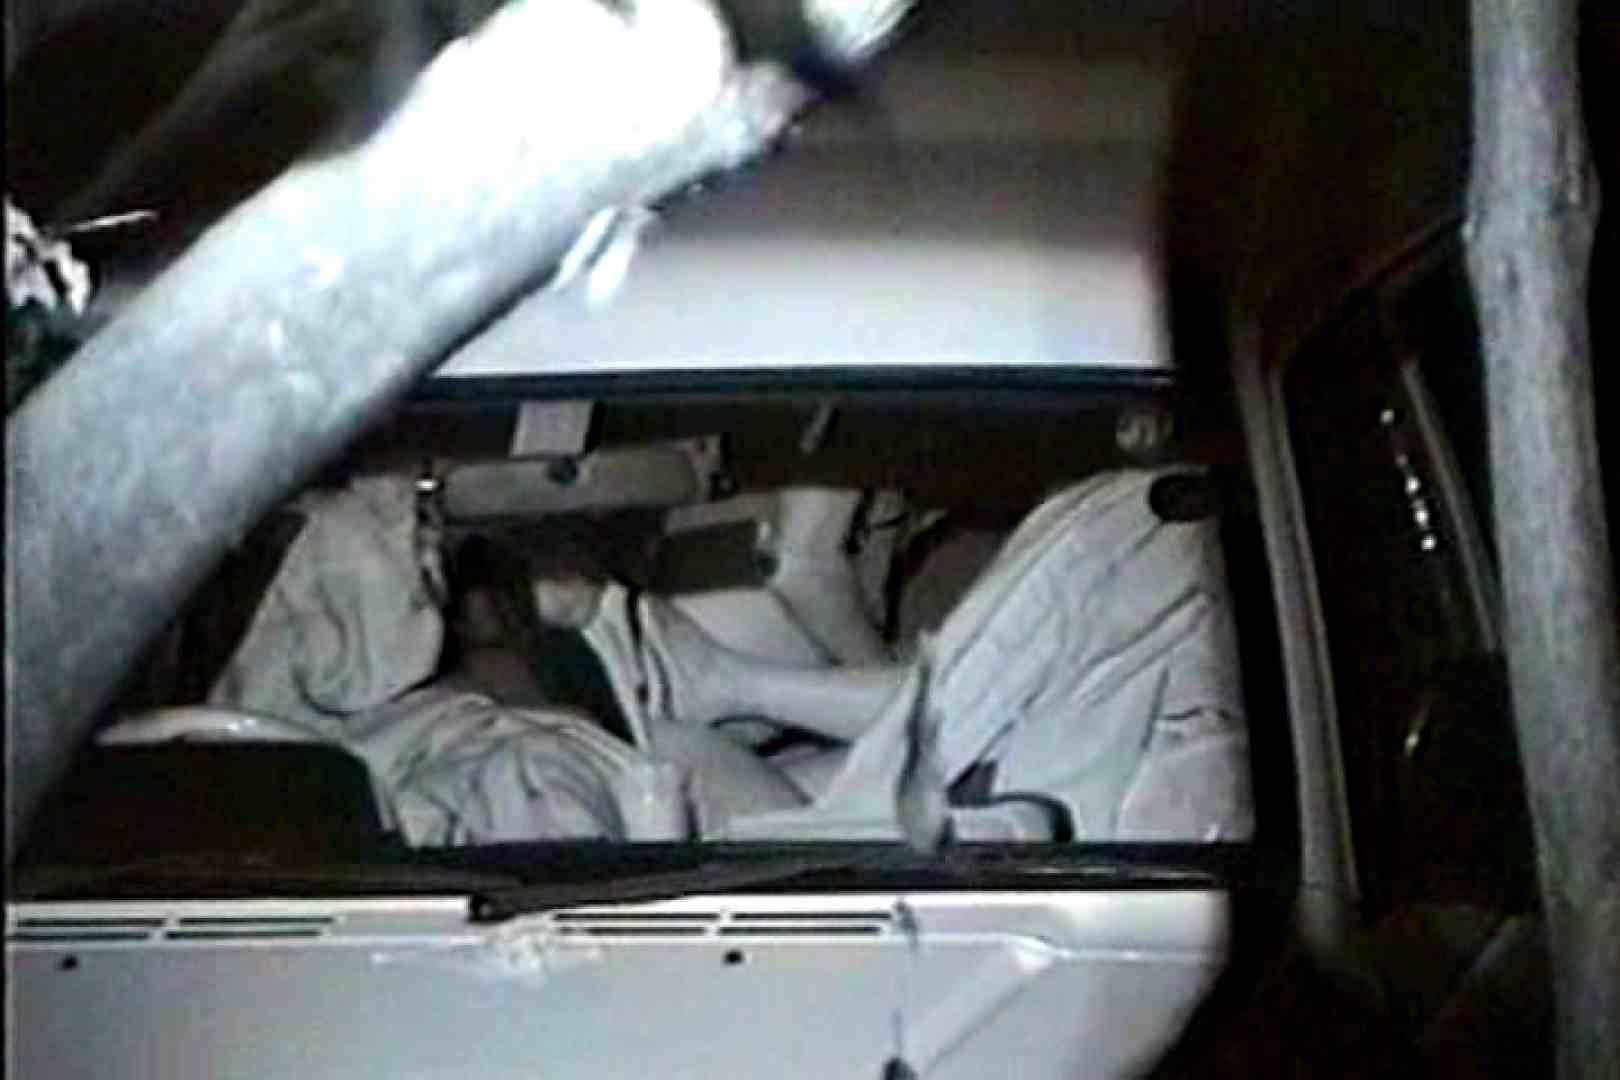 車の中はラブホテル 無修正版  Vol.8 人気シリーズ AV無料動画キャプチャ 102PIX 54